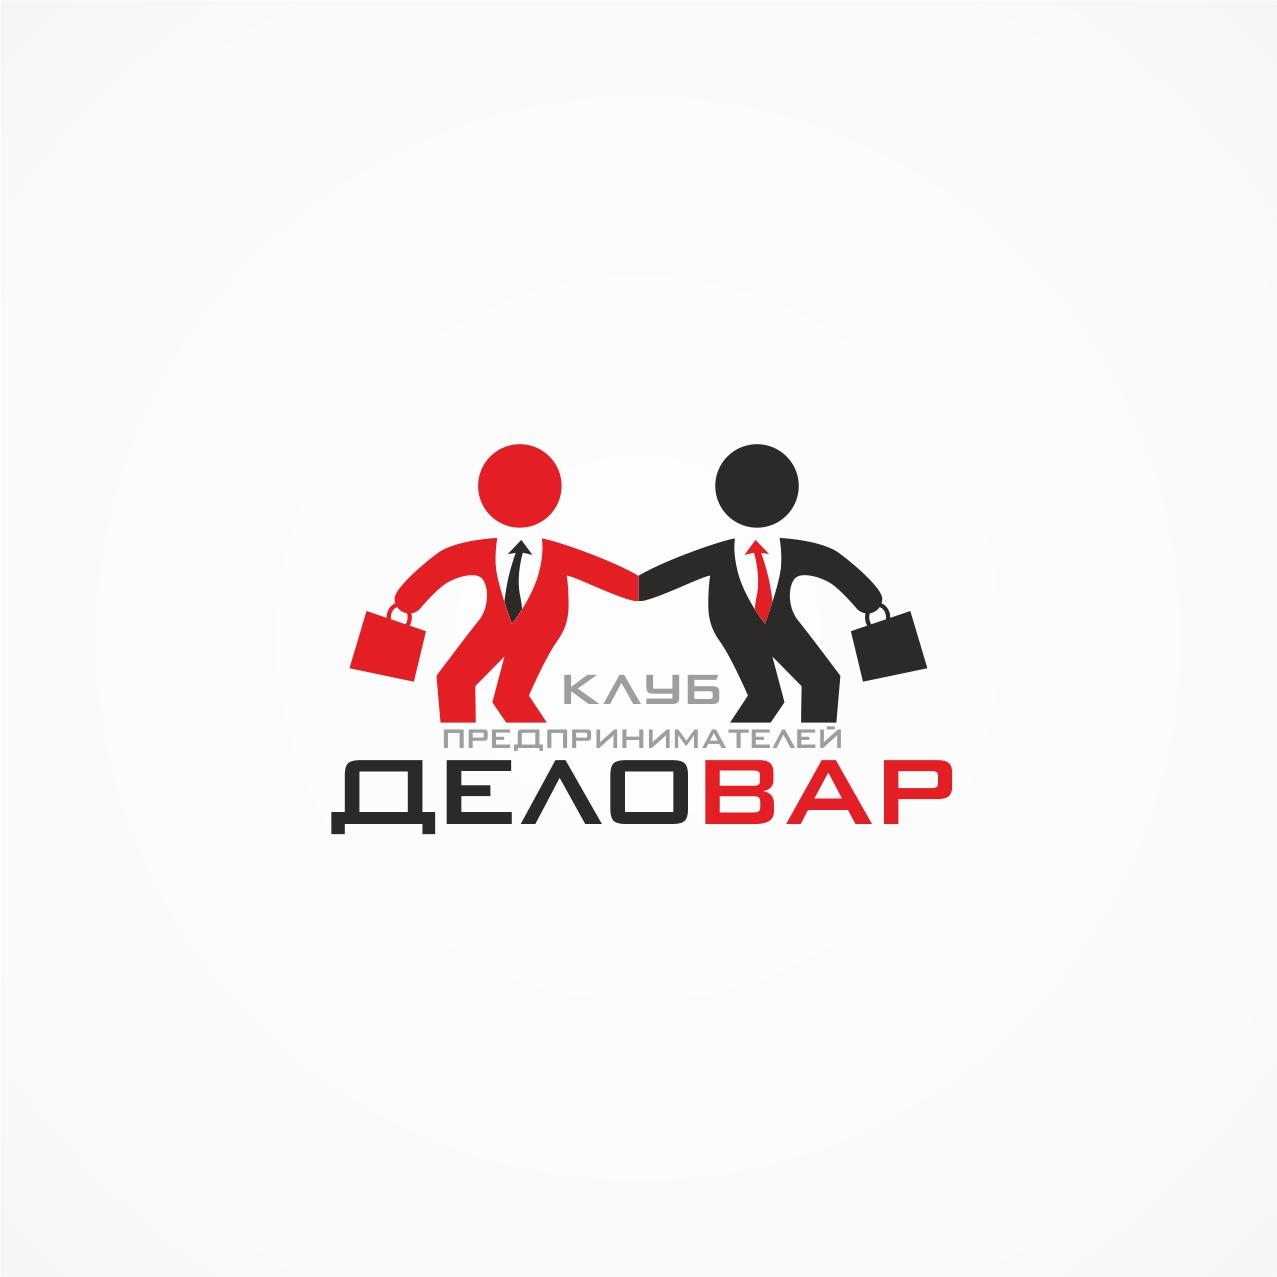 """Логотип и фирм. стиль для Клуба предпринимателей """"Деловар"""" фото f_5045d78221197.jpg"""